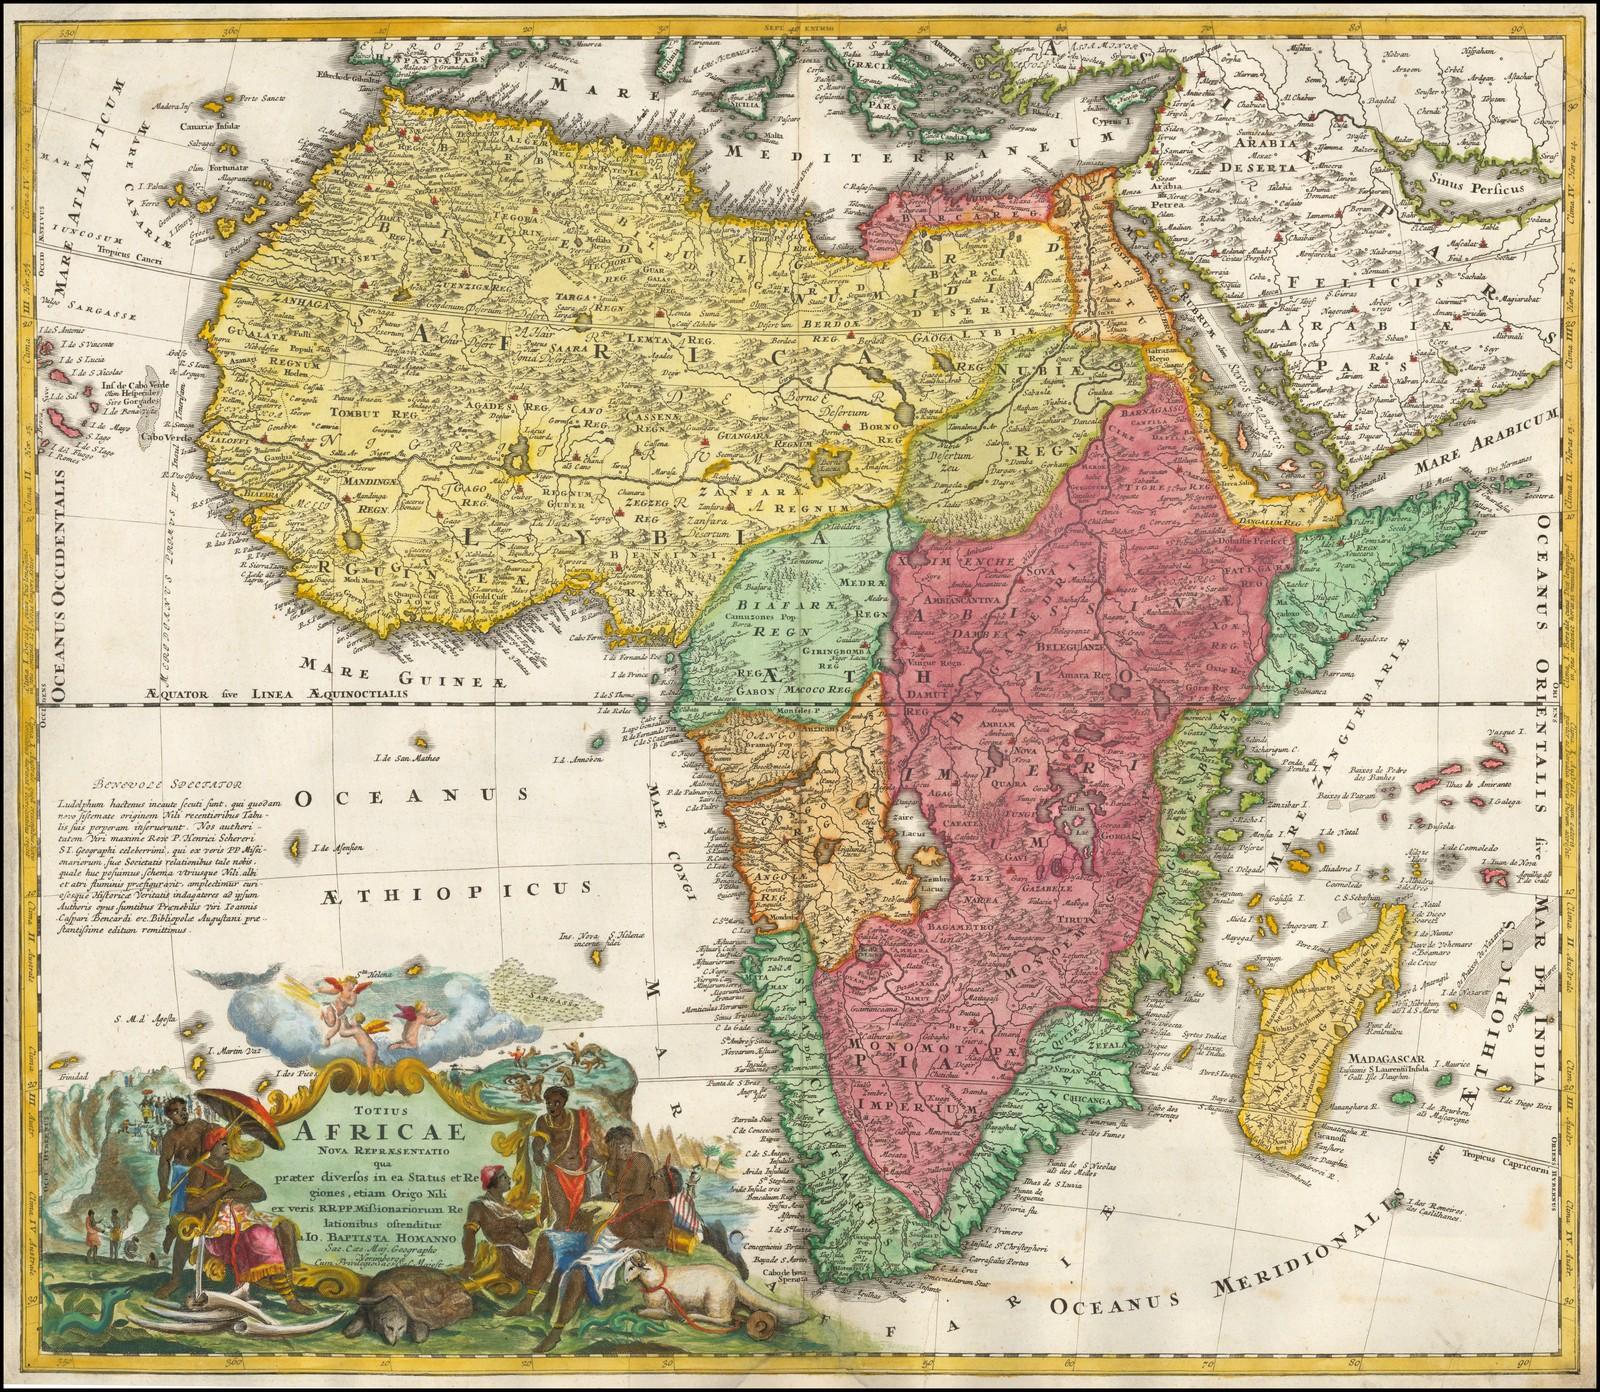 Старинная карта Африки начала 18 века Иоганна Хоманна